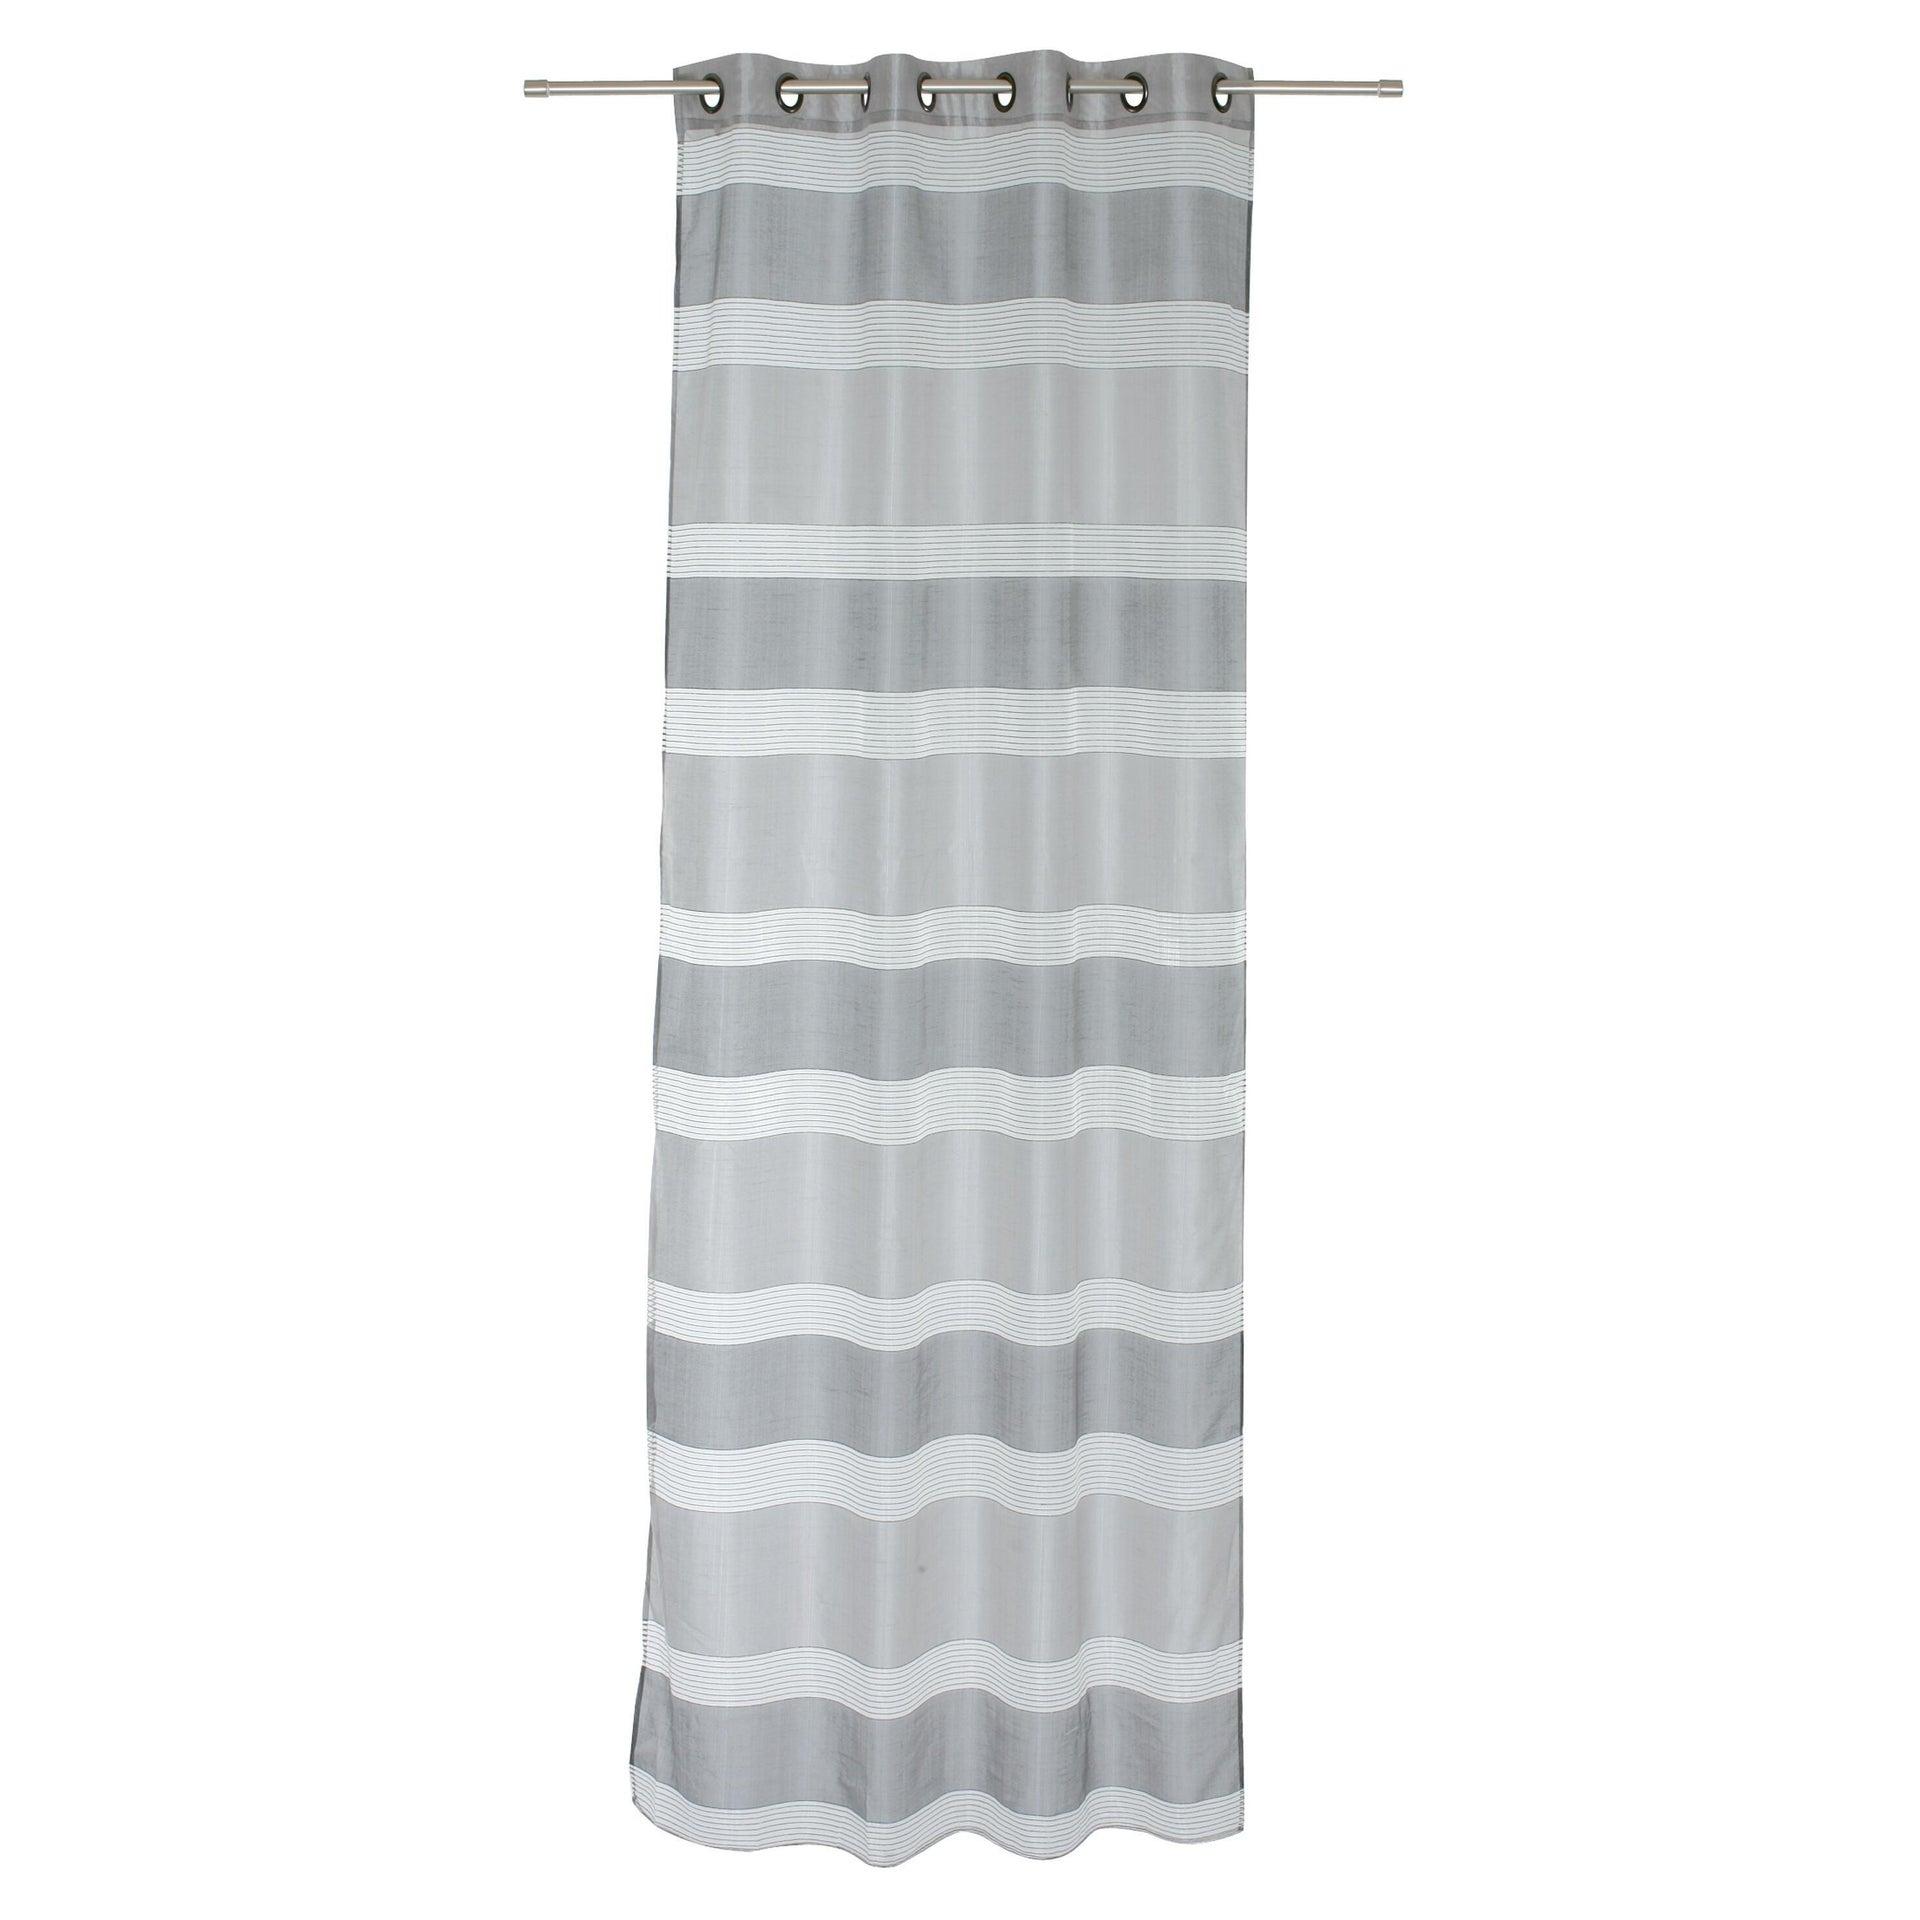 Tenda Stripe grigio occhielli 140 x 280 cm - 2